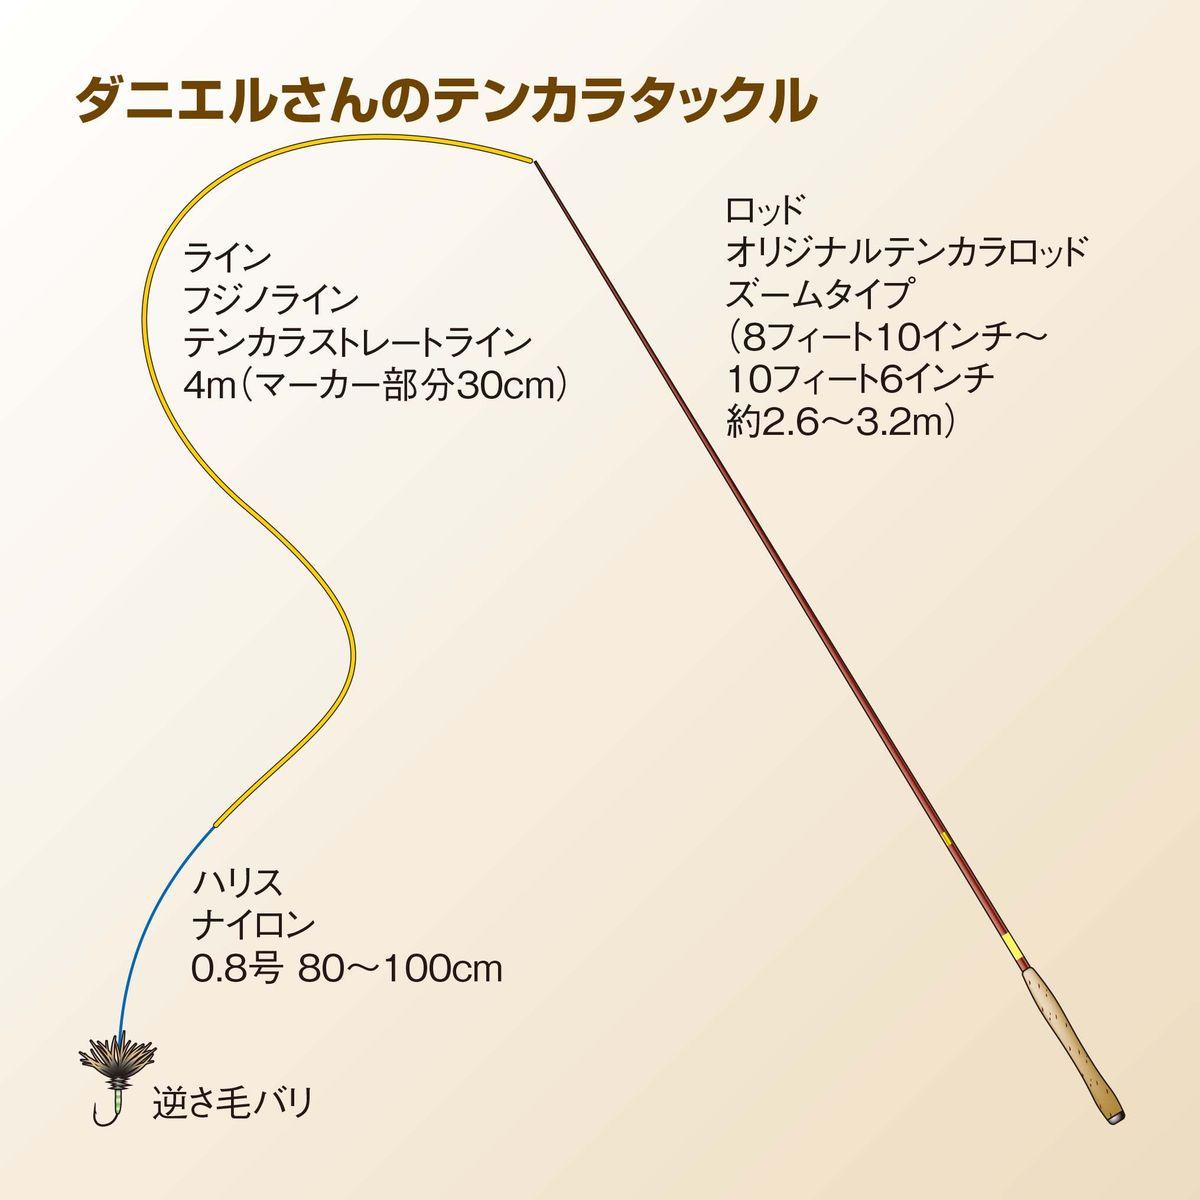 032-036-nagara-tenkara_cs6 (1)